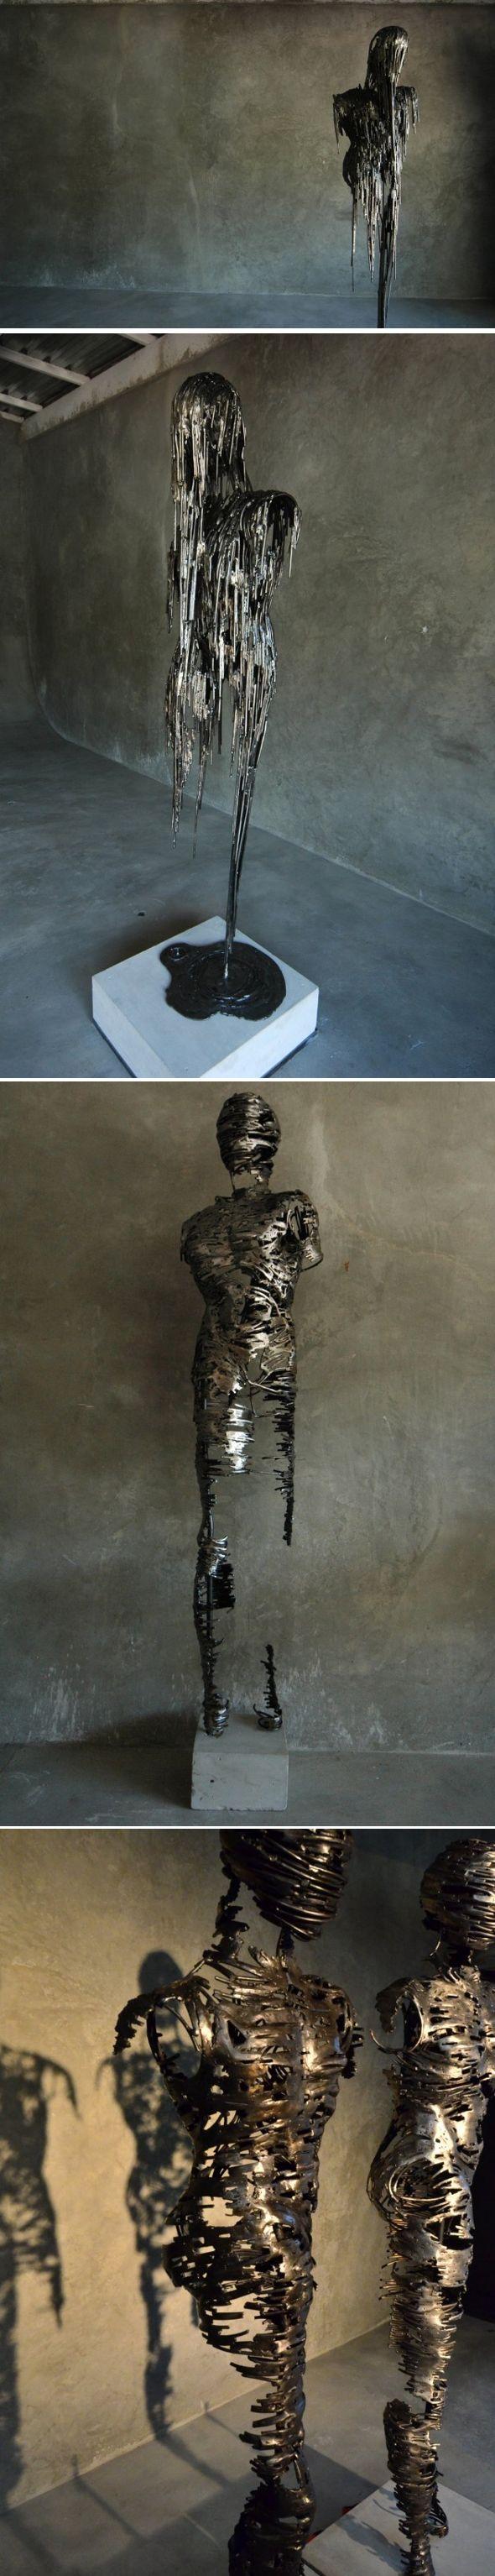 Une déstructuration corporelle    L'artiste Regardt van der Meulen basé à Johannesburg, a créé Drip and Deconstructed, une série de sculptures en acier forgé. Le corps humain avec sa force et sa fragilité se trouve au cœur de cette série, l'artiste exprime à travers ses oeuvres une illusion de sécurité et le concept de la crainte dans notre société moderne.    Il représente tout ça par des sculptures évasives, dégoulinantes ou qui se désagrègent,